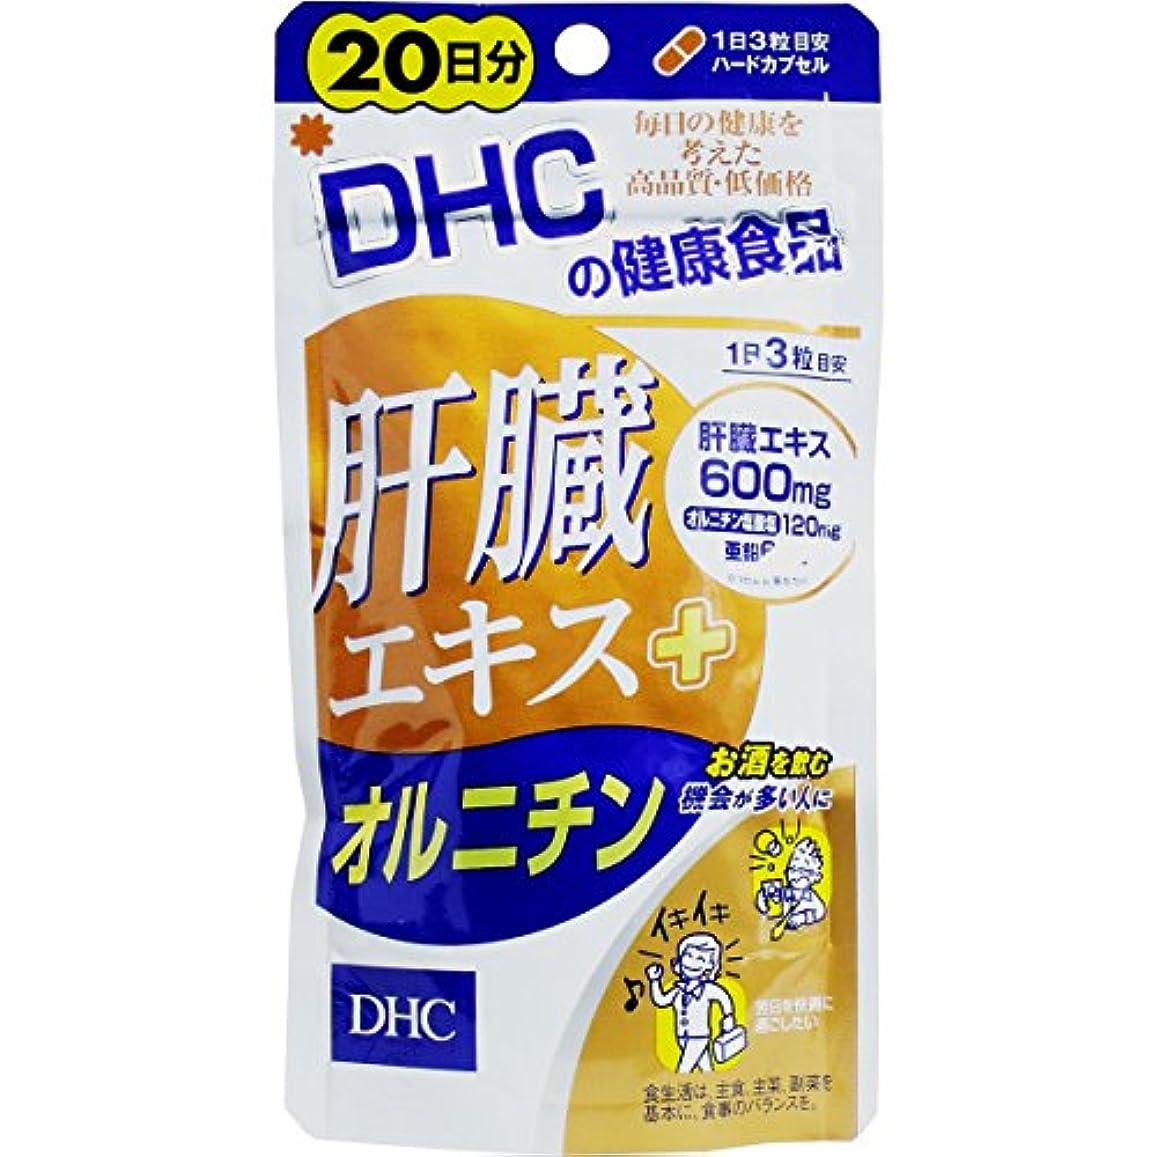 多年生一握り目指すDHC 肝臓エキス+オルニチン 20日分 60粒 ×2個セット